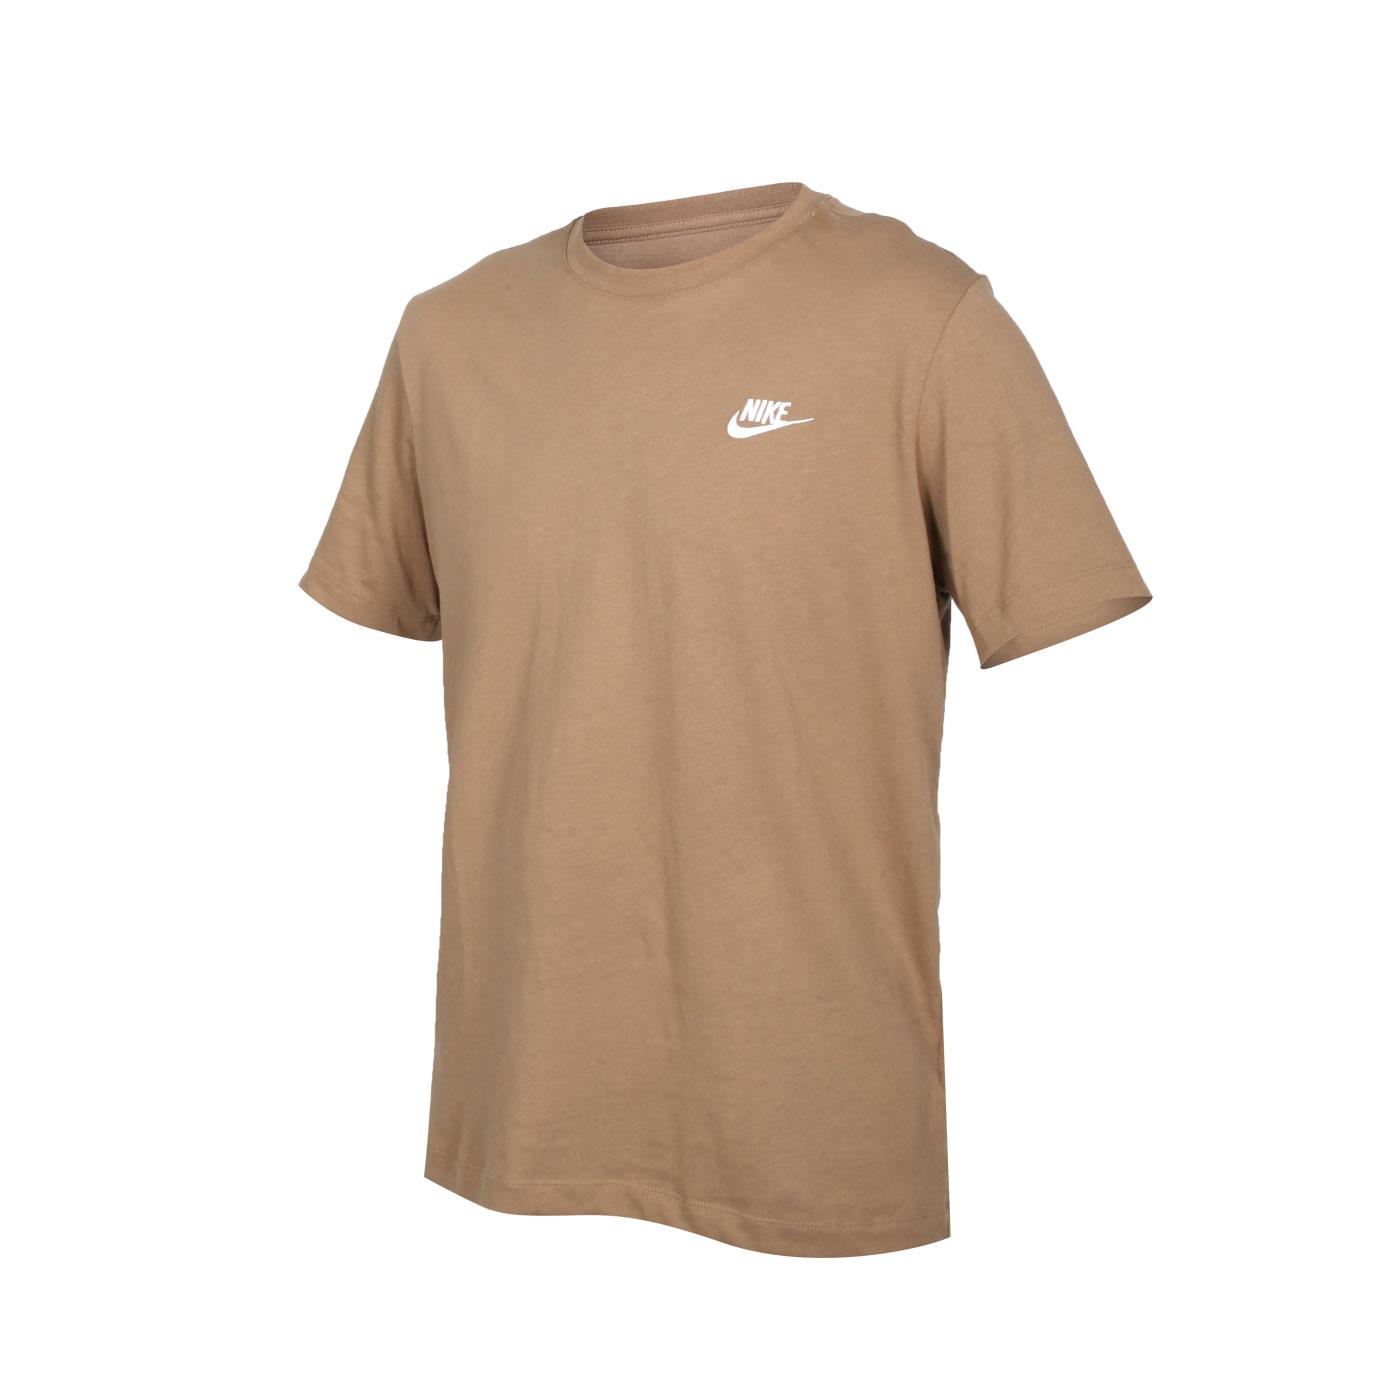 NIKE 男款短袖T恤 AR4999-258 - 深棕白